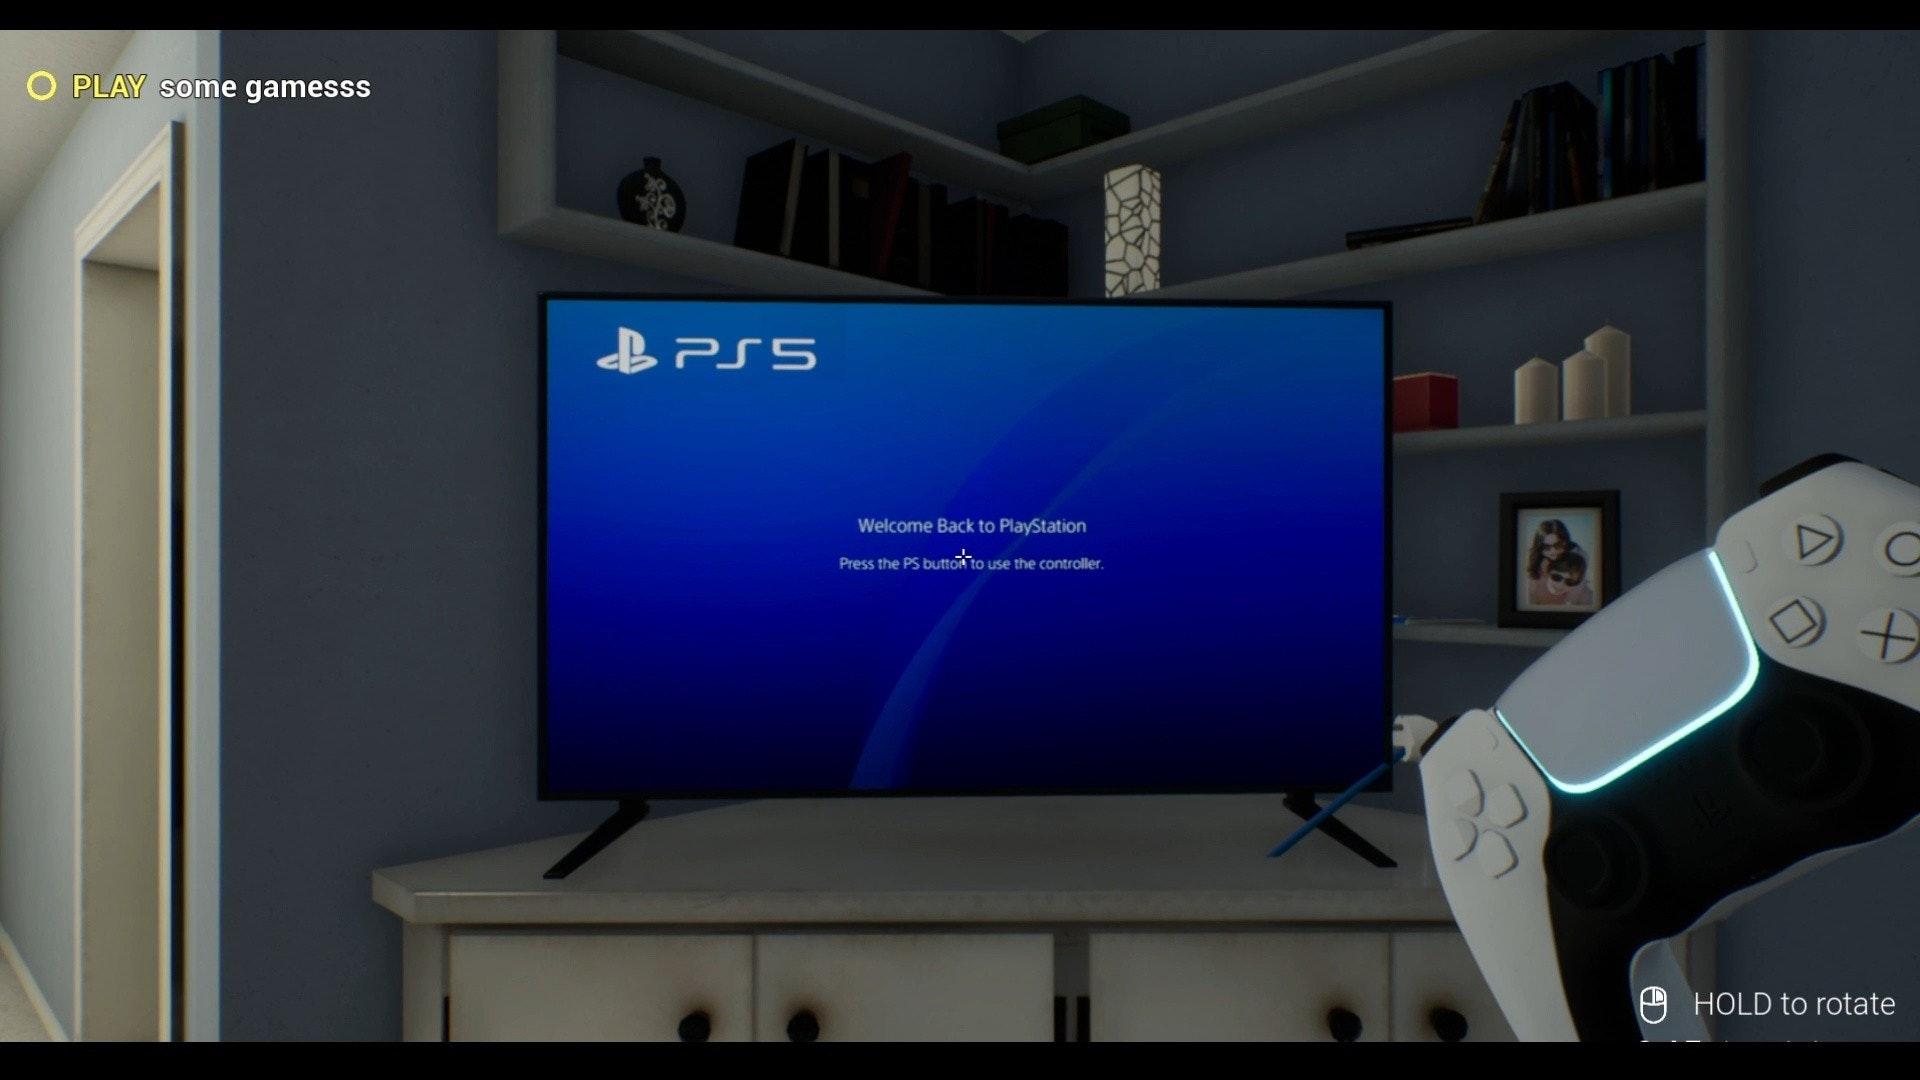 照片中提到了O PLAY some gamesss、B PS 5、Welcome Back to PlayStation,跟紳士有關,包含了電子遊戲機、的PlayStation 5、模擬電子遊戲、電子遊戲開發商、的PlayStation 4